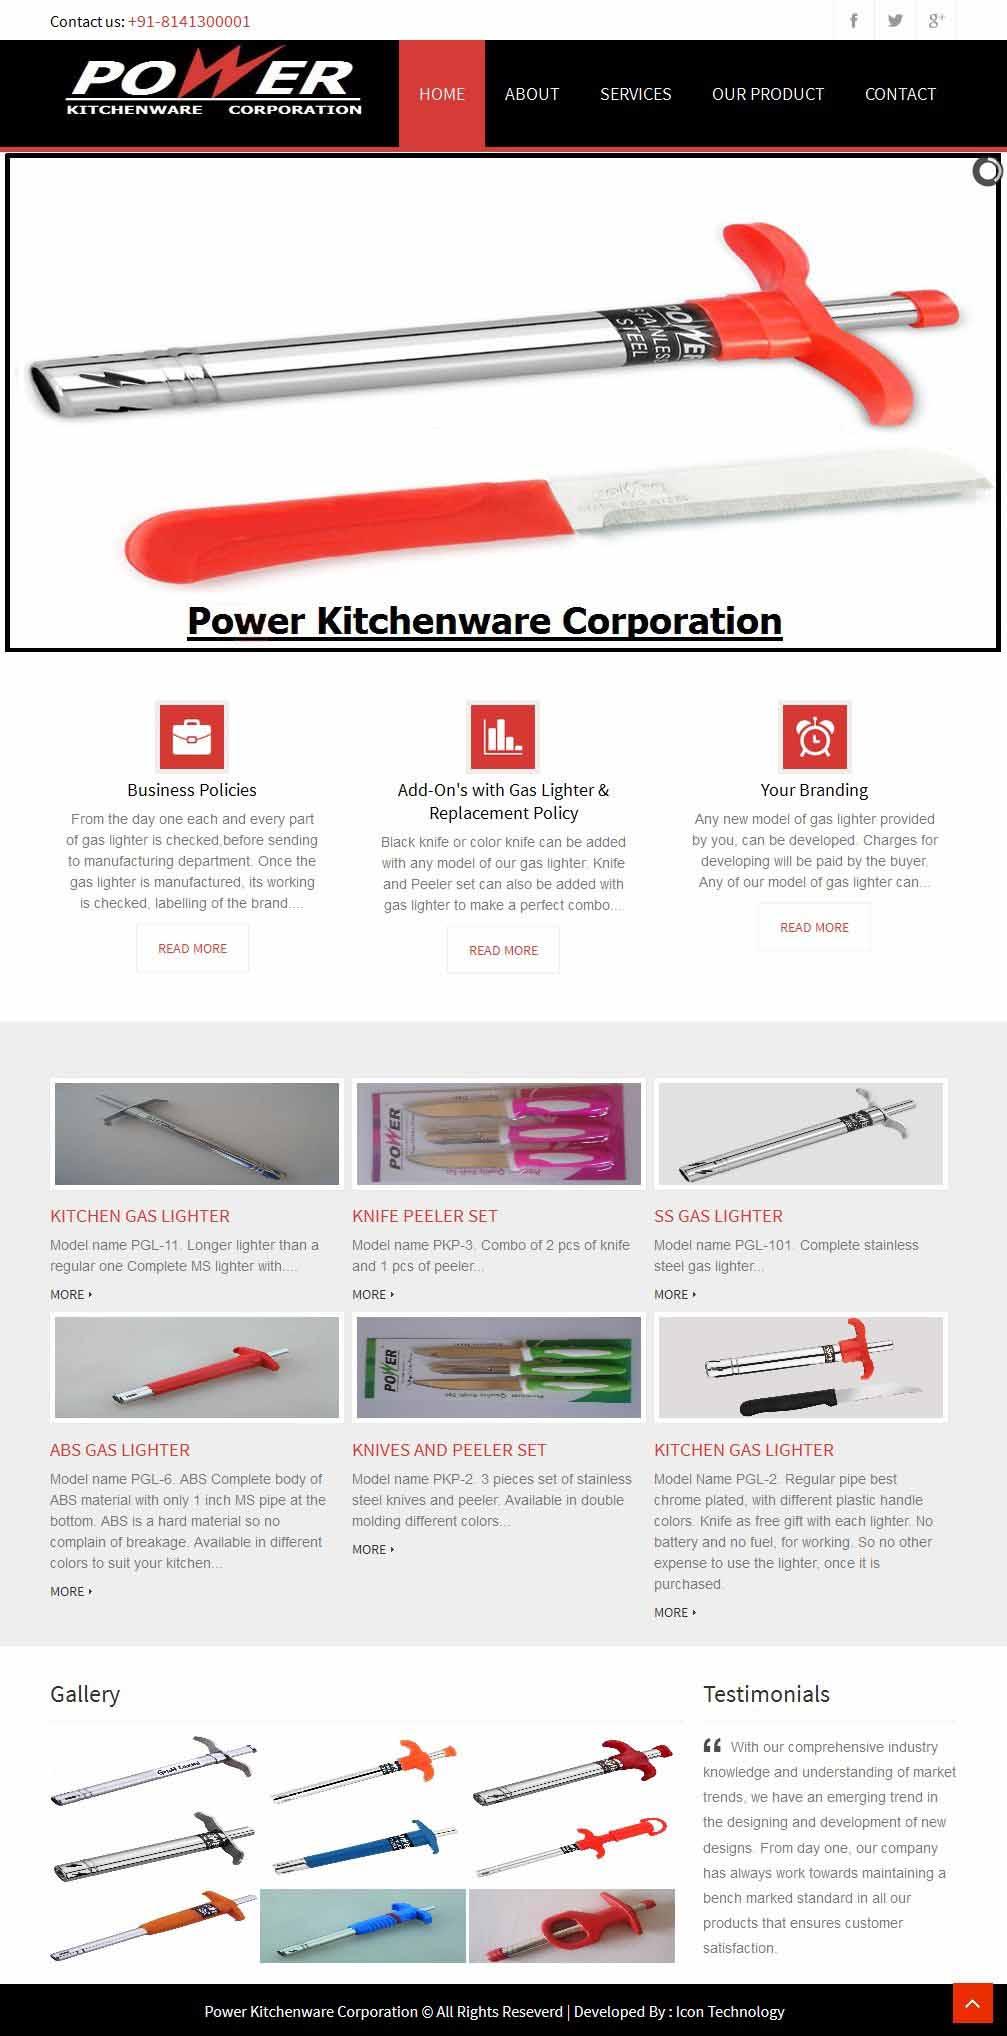 Power Kitchenware Corporation